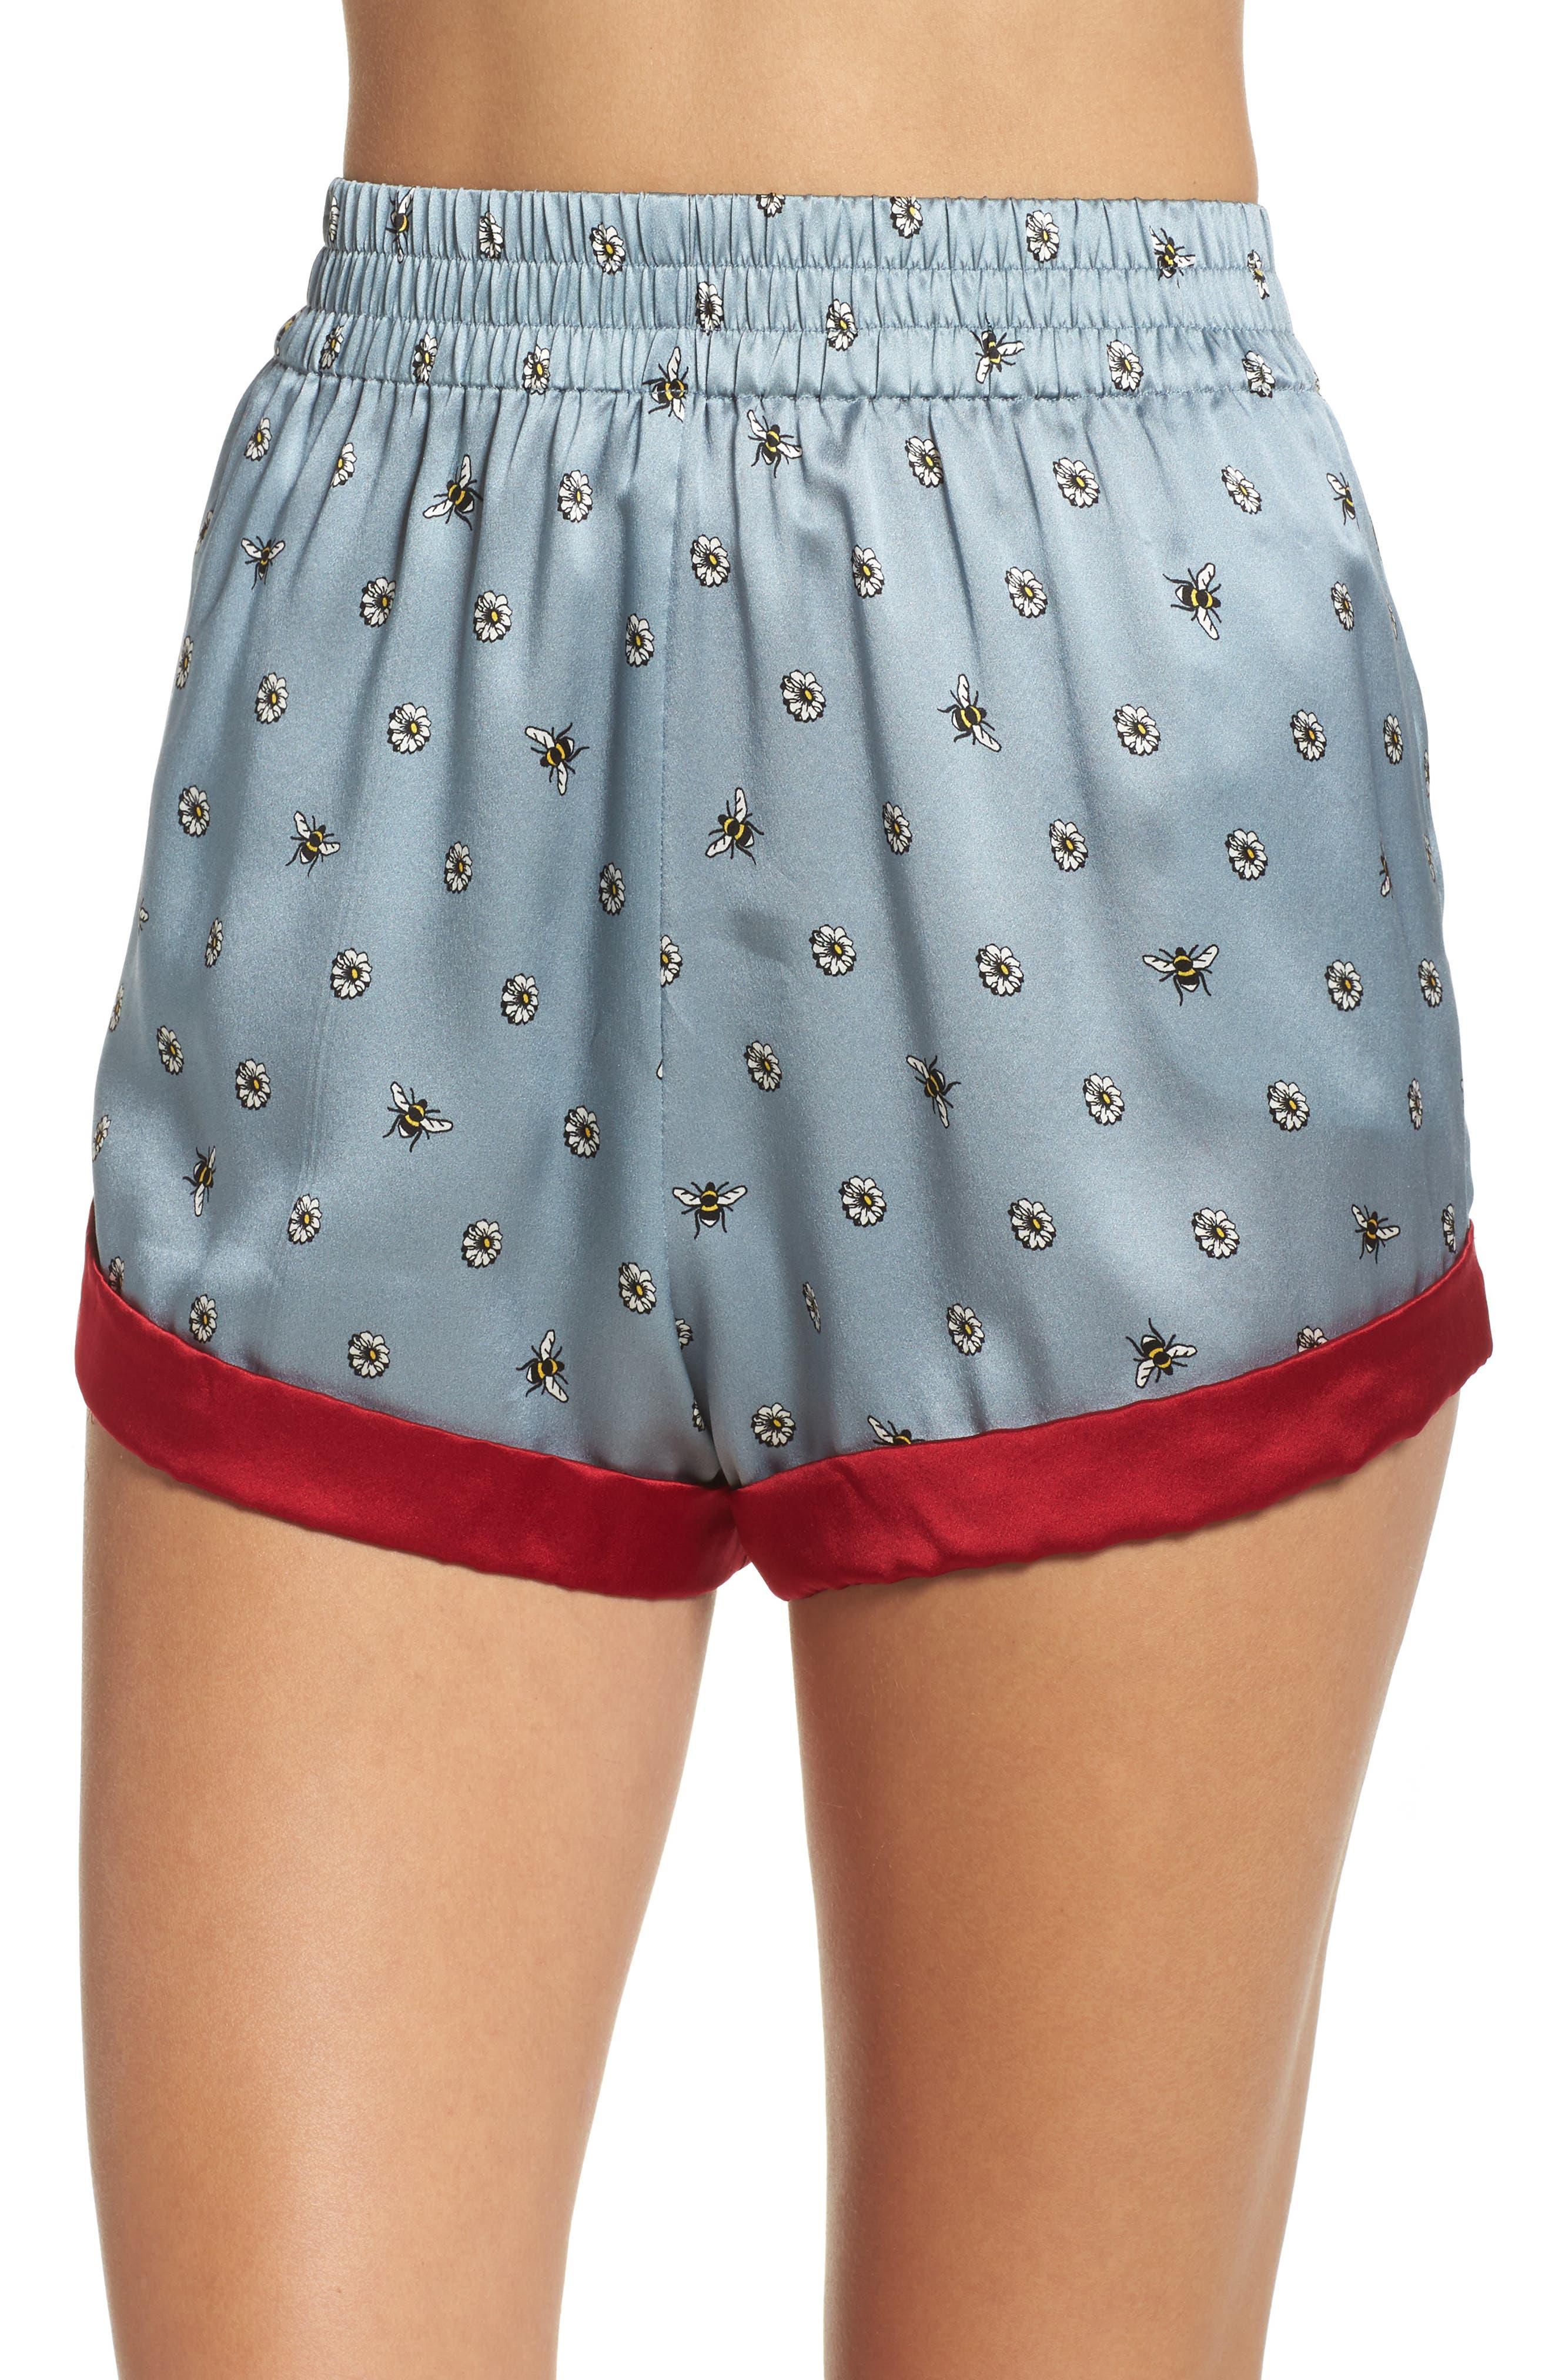 Chloe Silk Pajama Shorts,                             Main thumbnail 1, color,                             490